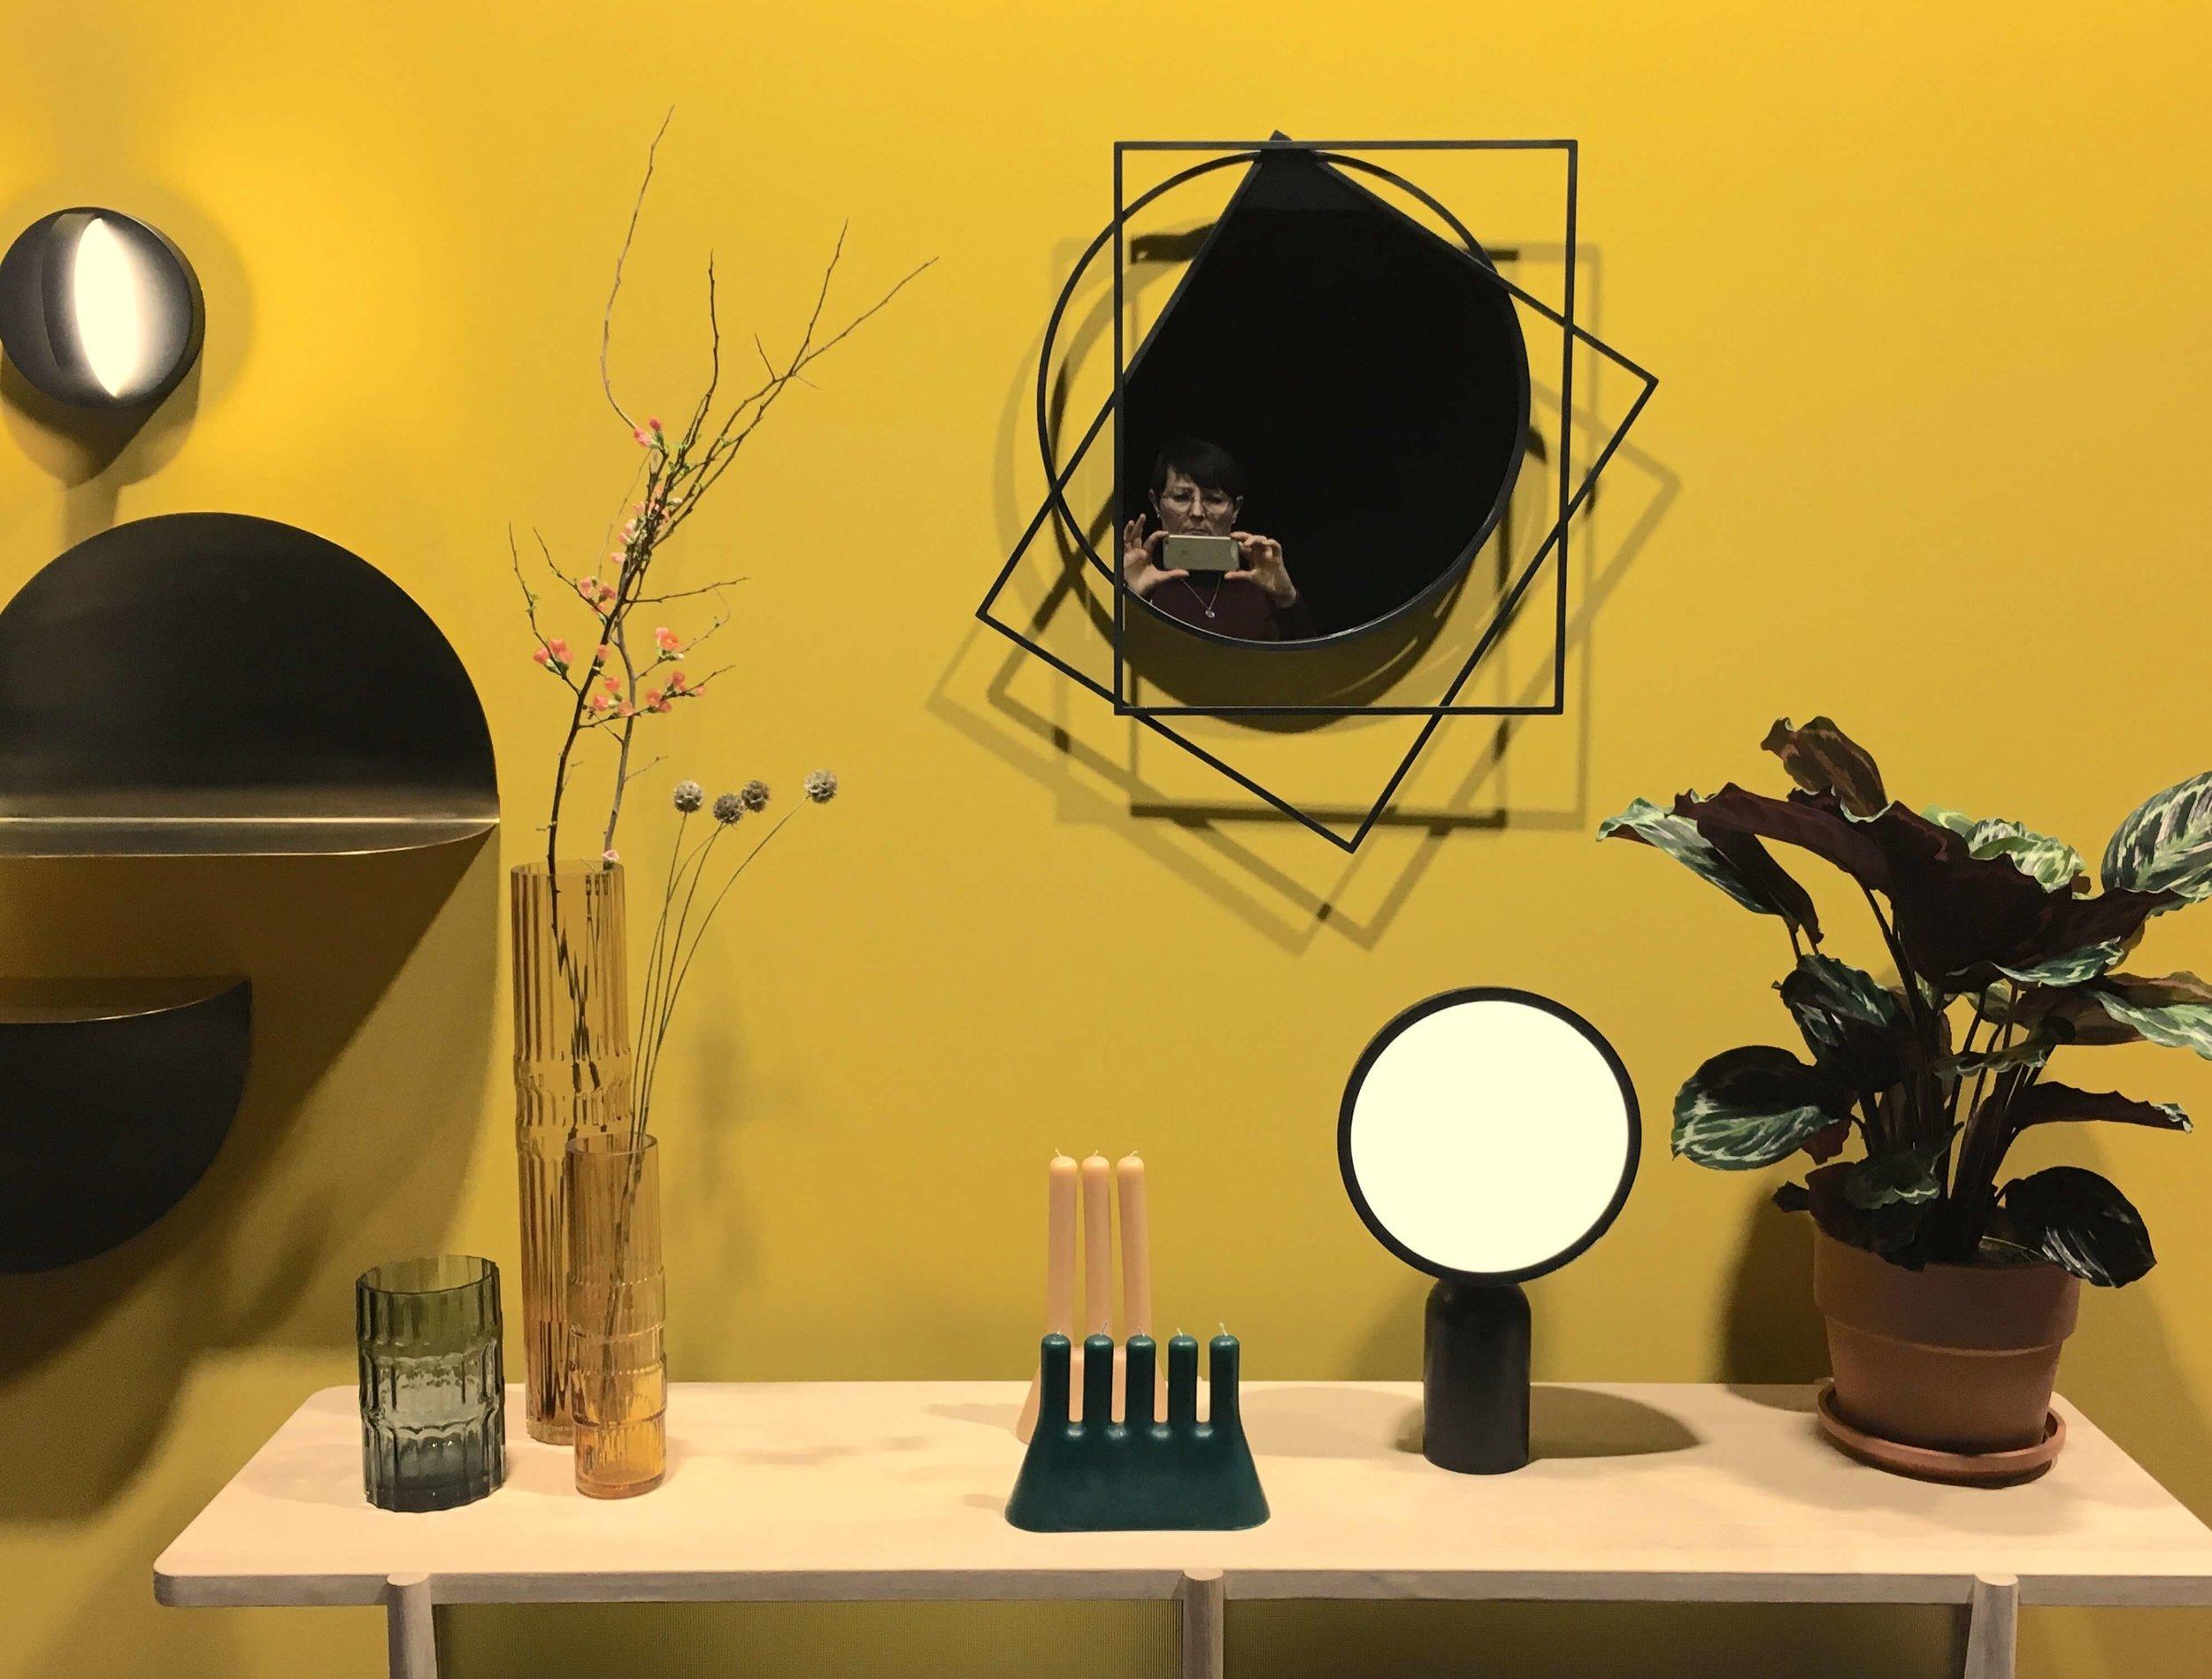 Lampe und Spiegel von enostudio, Foto: U. Latzke